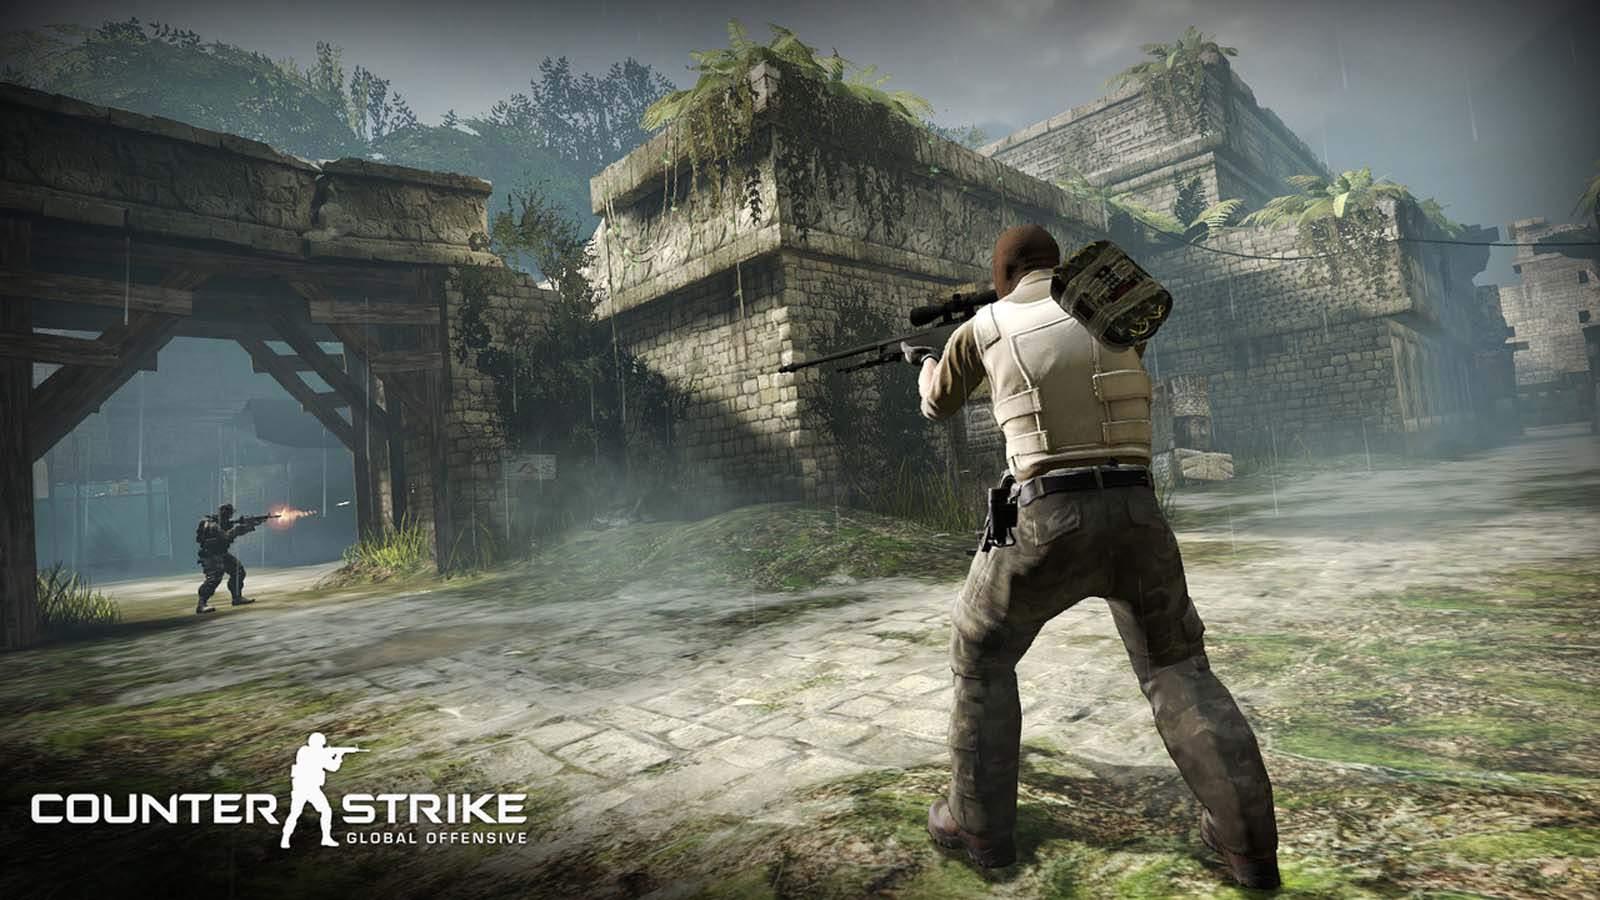 تحميل لعبة Counter Strike Global Offensive مضغوطة كاملة بروابط مباشرة مجانا مع الاونلاين